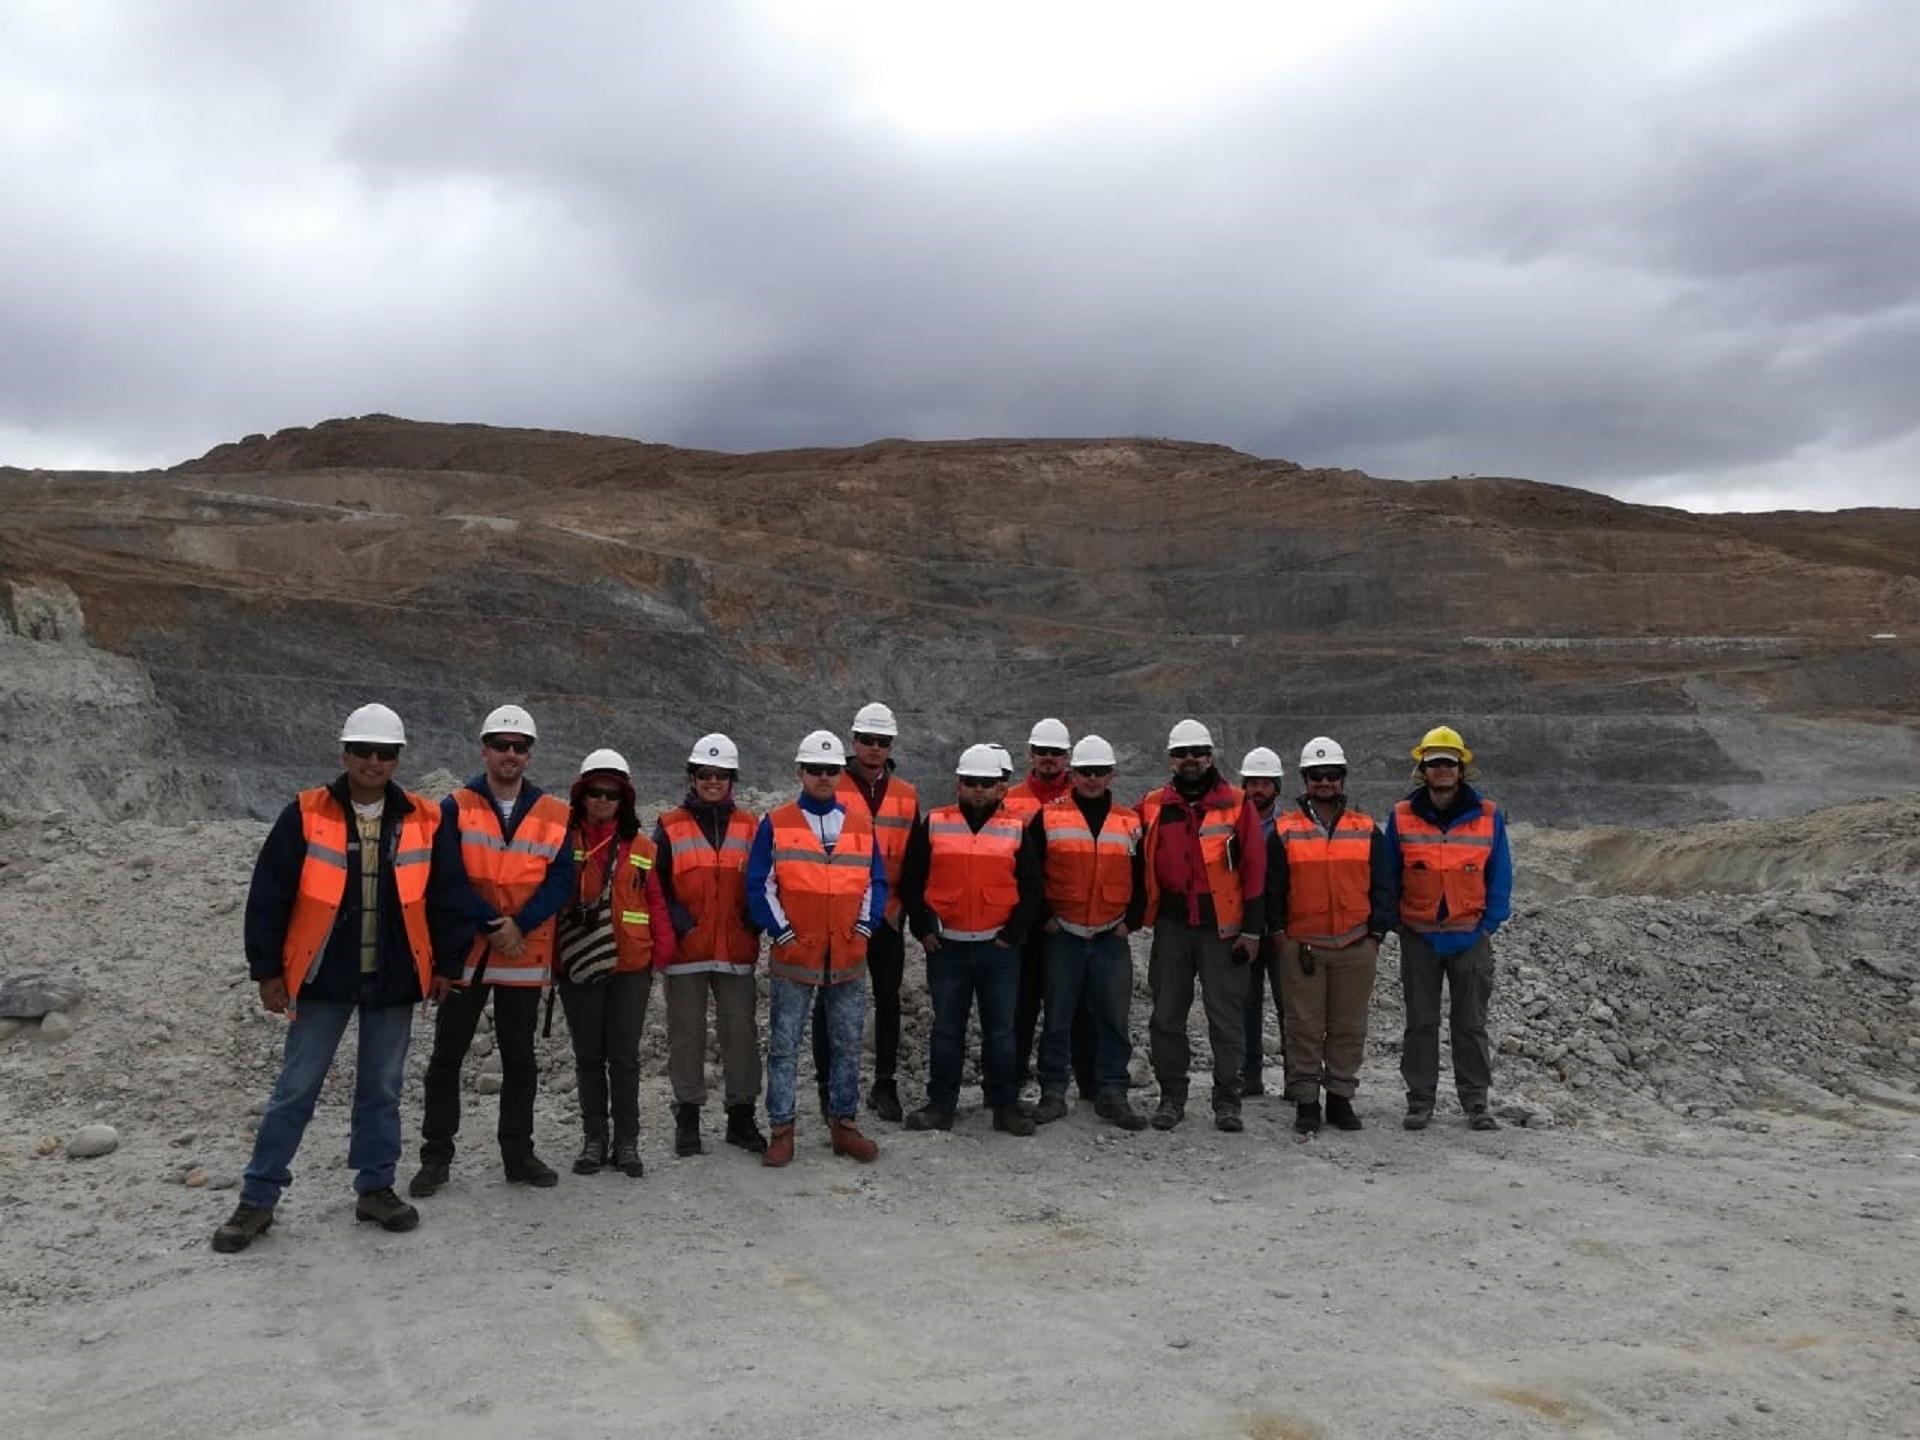 Visita do grupo de trabalho aos Andes Argentinos